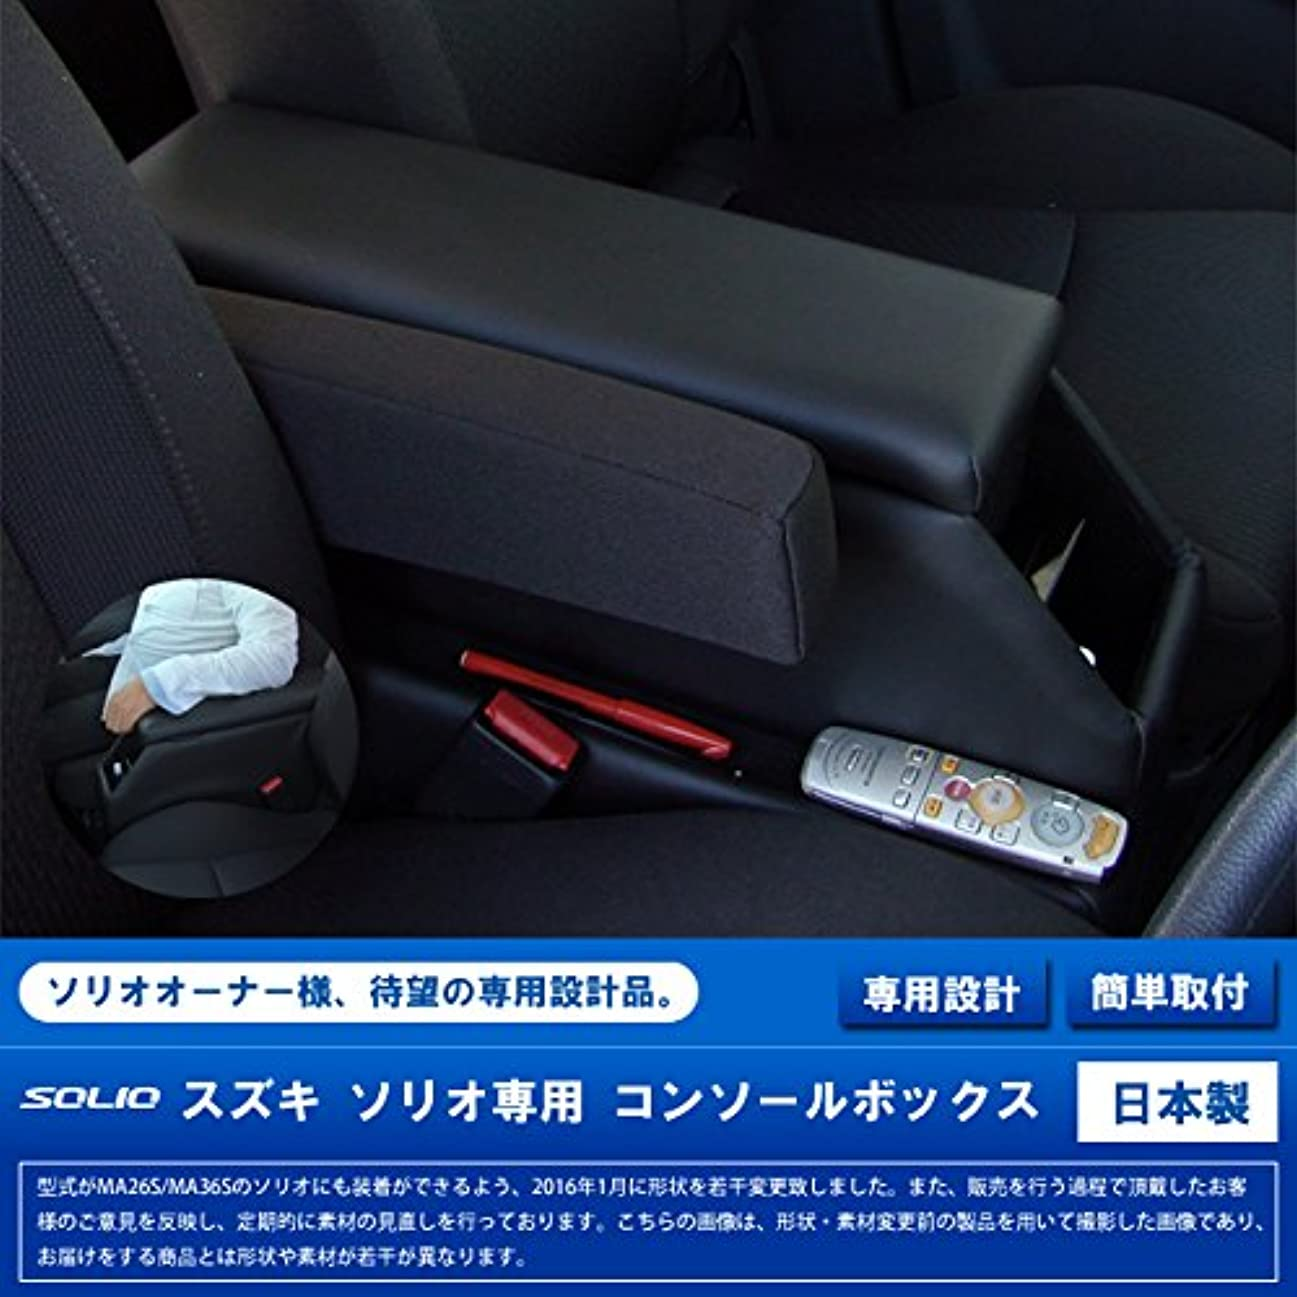 子音罰クリエイティブ適用トヨタ ヴィッツ アームレスト ボックス コンソールボックス ドリンクホルダー 灰皿 多機能 小物入れ 収納ボックス LEDライト付き USBポート付 ブラック